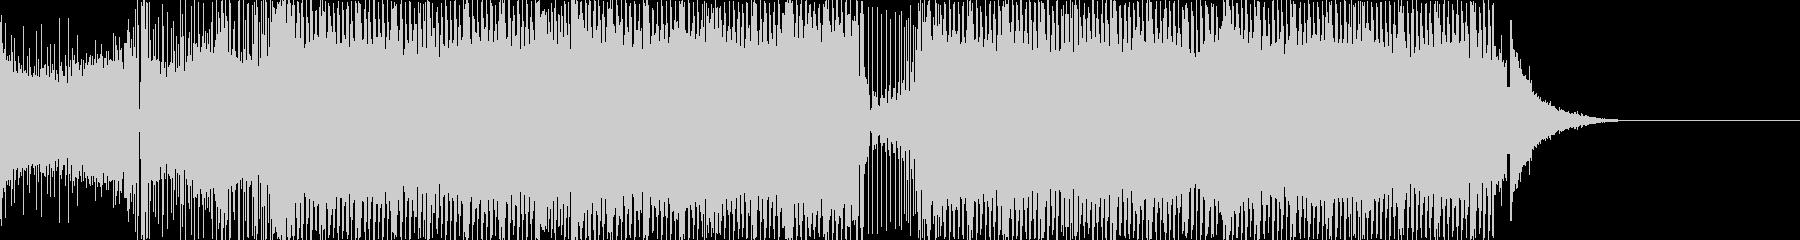 パワフルでエレクトロなダンスBGMの未再生の波形